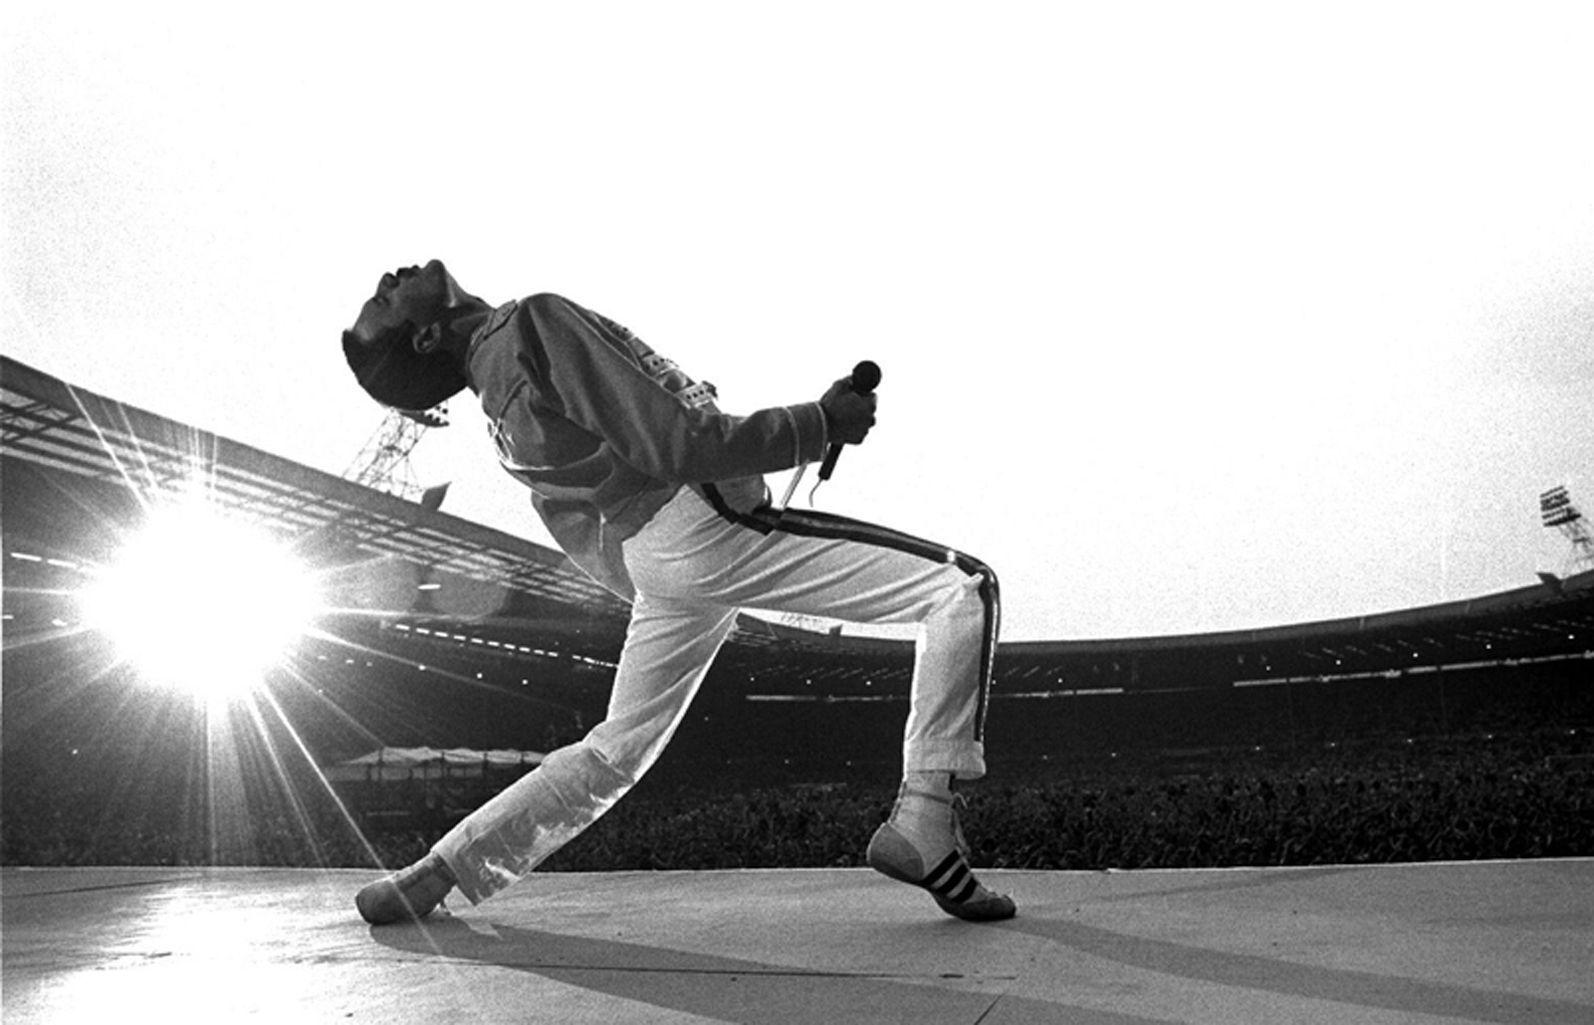 ¿Qué año hizo Queen su famosa actuación en el Wembley Stadium?